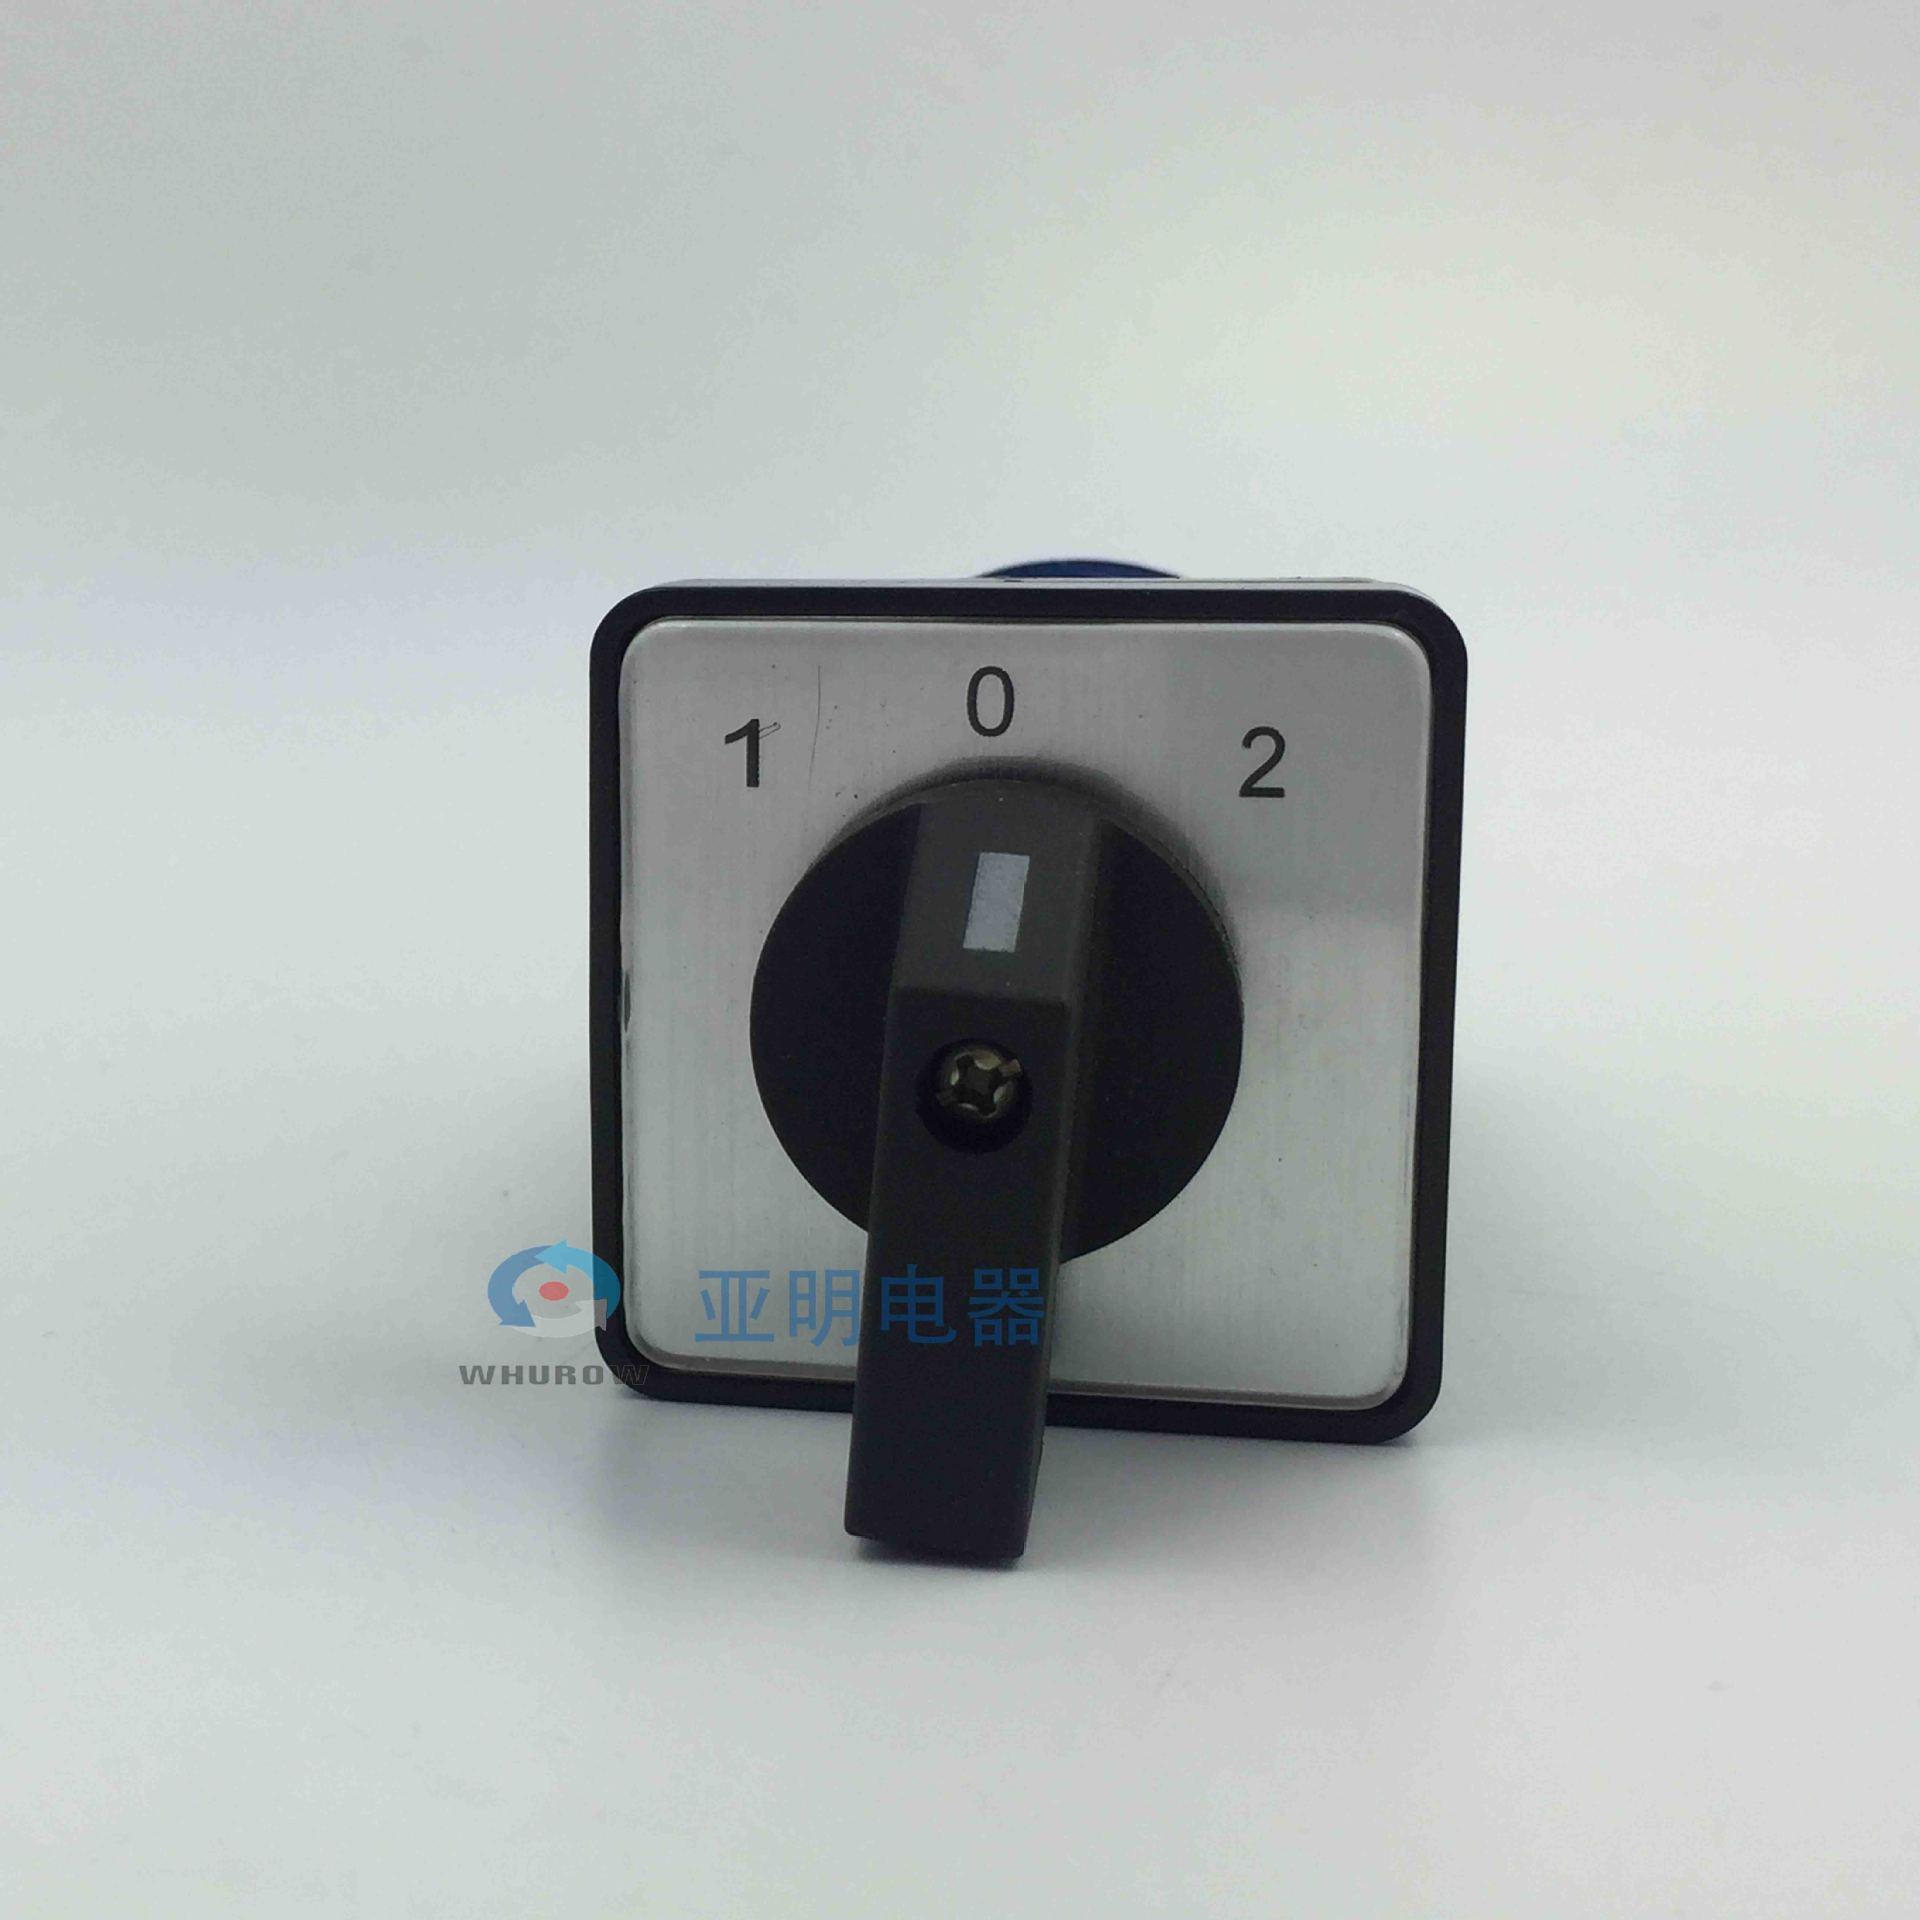 高档供应 转换开关万能LW26-20/6 旋钮式手动LW39B-16系列 6节3档